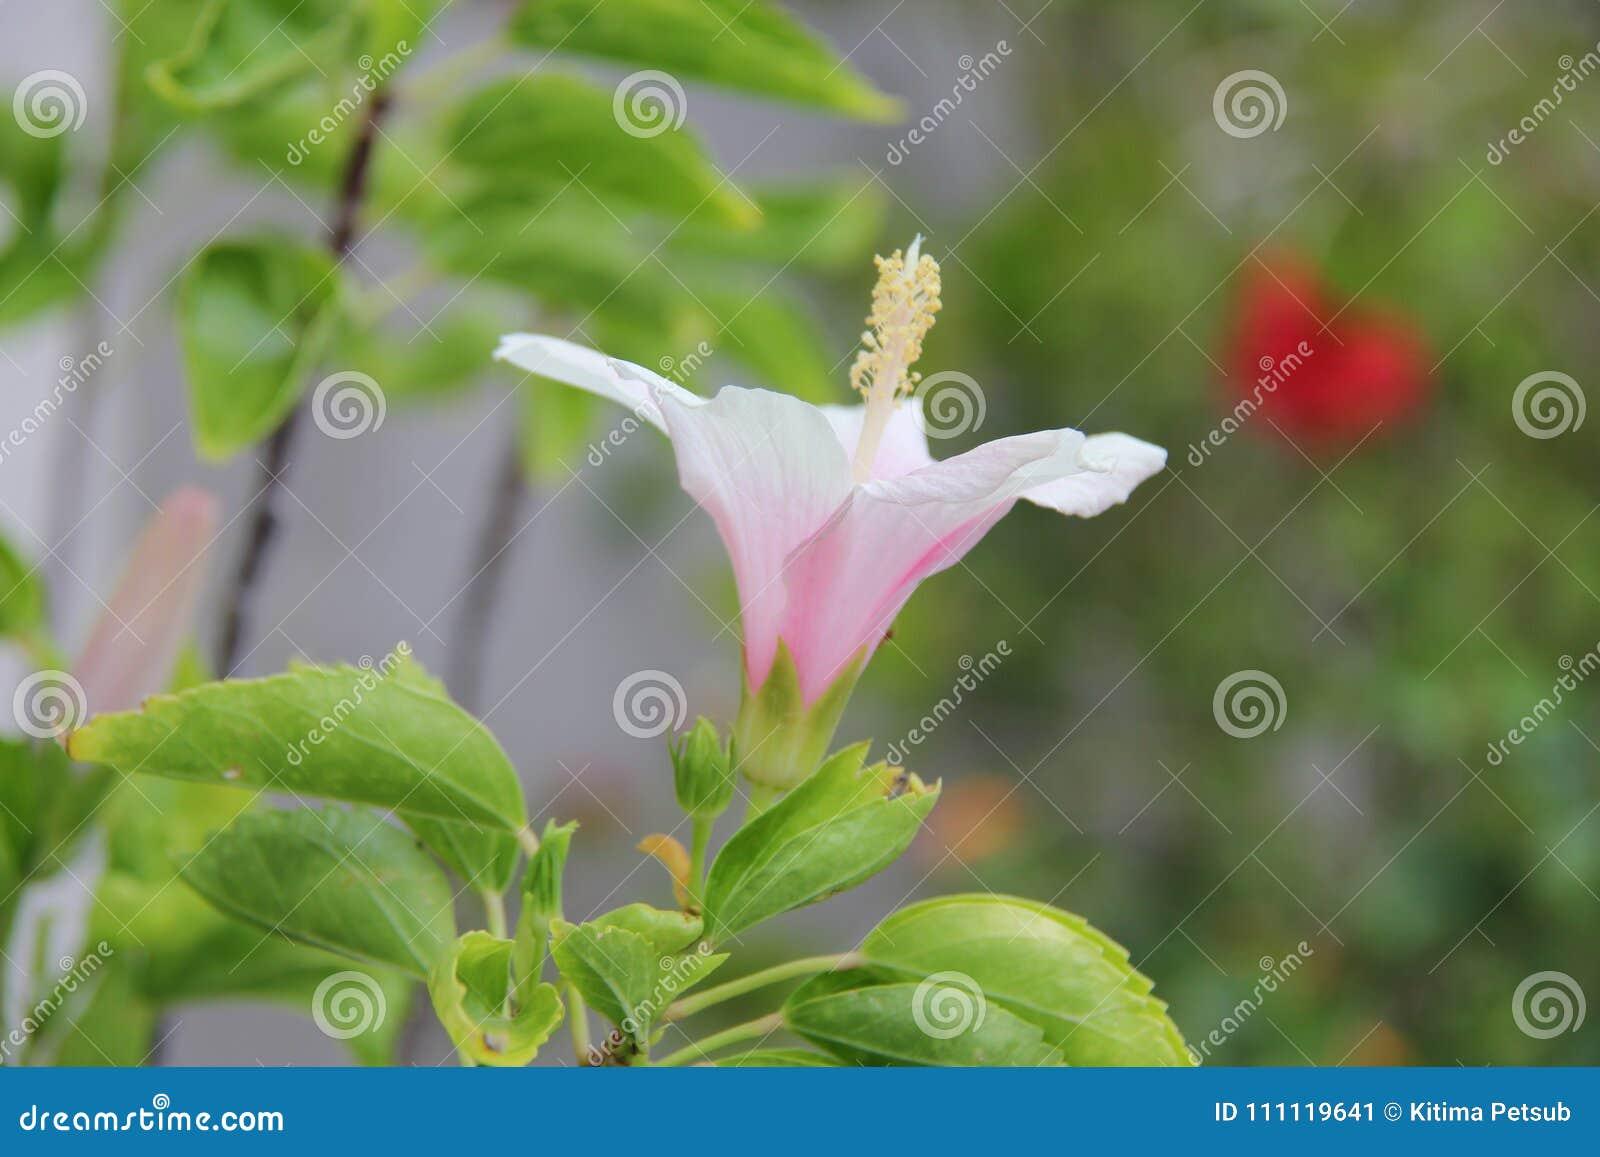 Blommande rosa skor blomma eller kines steg